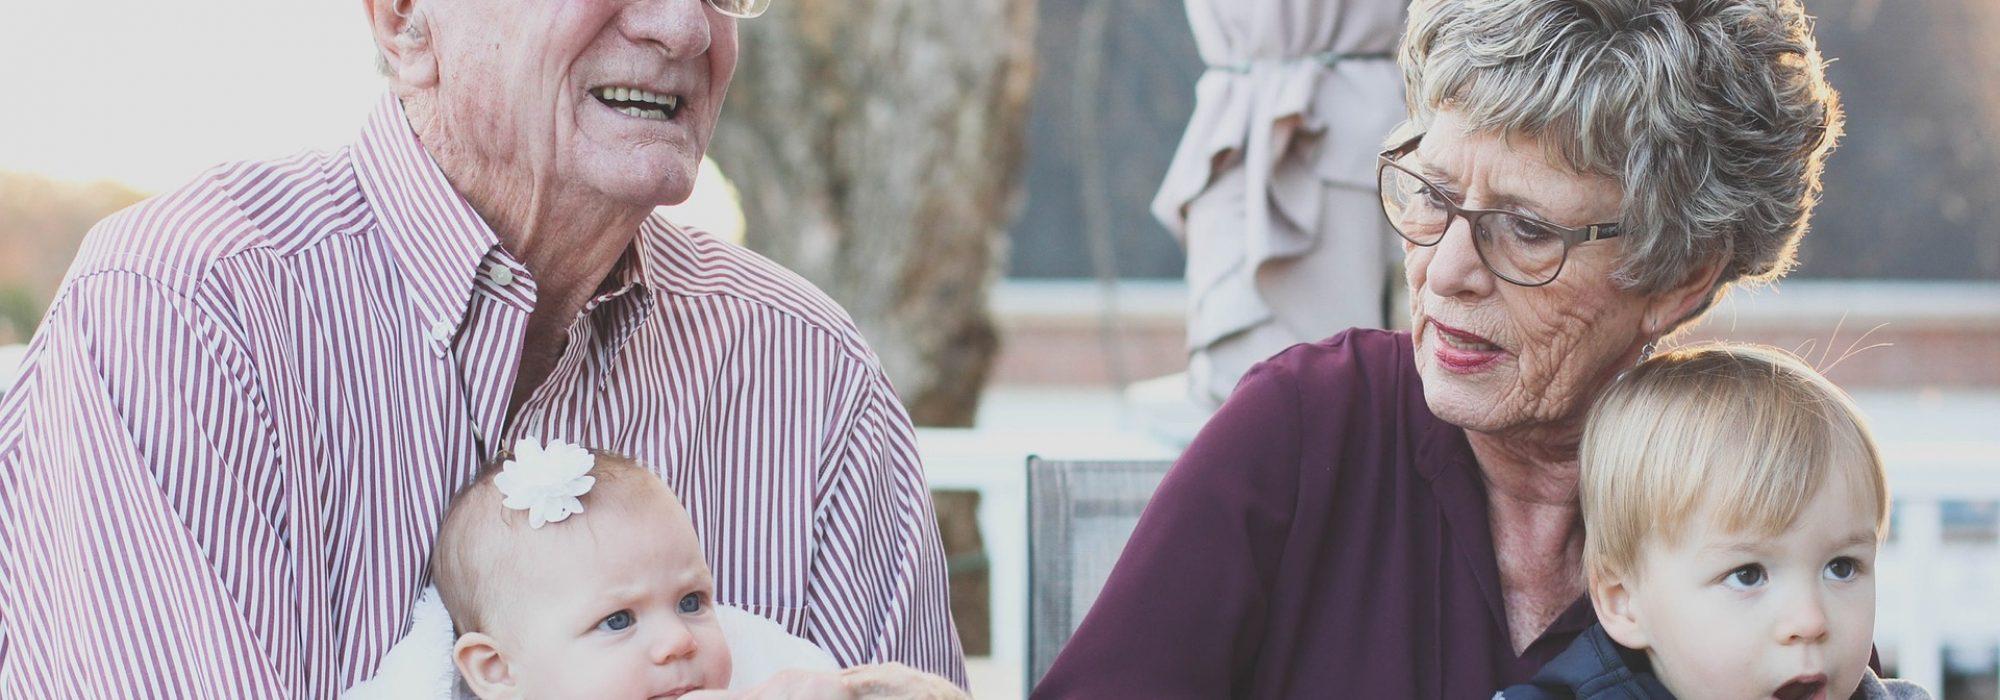 grandparents-1969824_1920